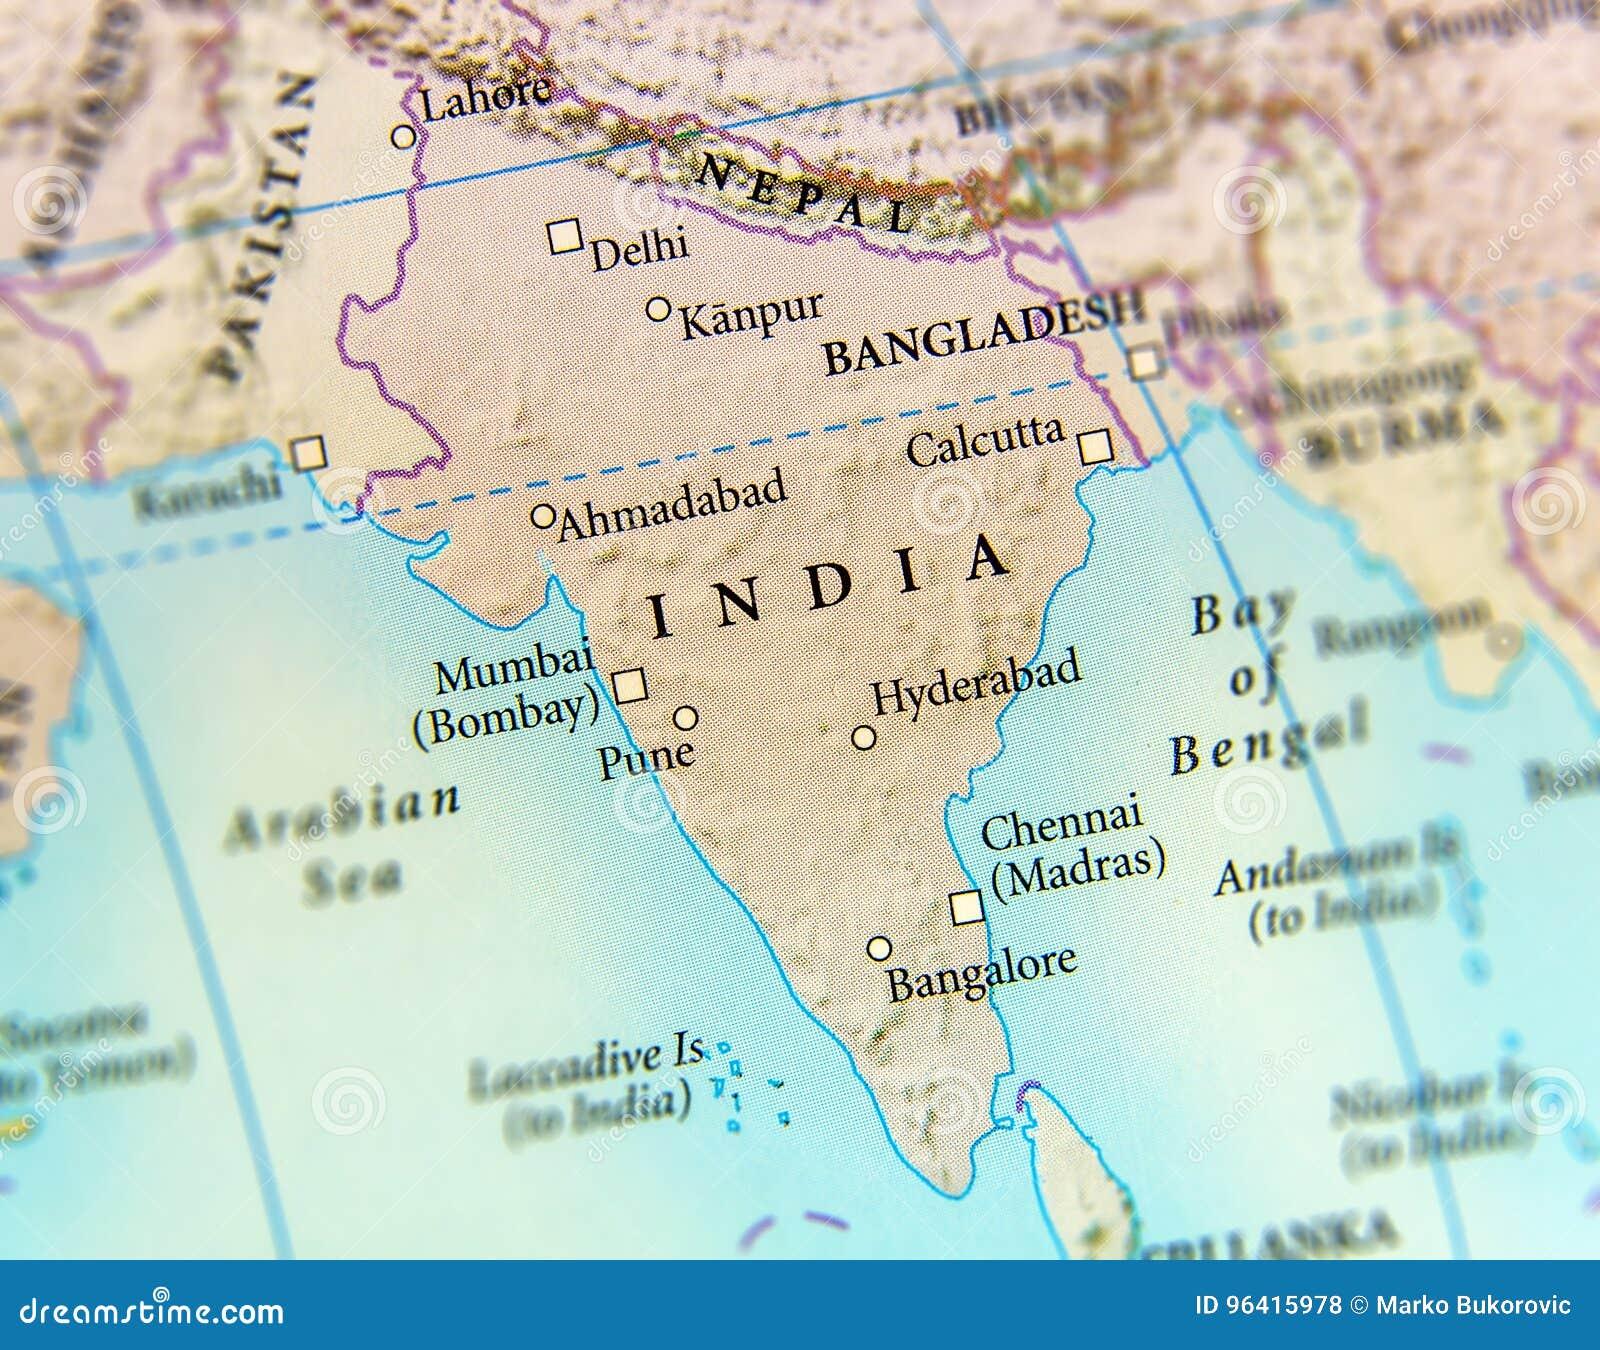 Cartina Geografica India Del Sud.Mappa Geografica Del Paese Dell India Con Le Citta Importanti Fotografia Stock Immagine Di Geografia Dichiari 96415978